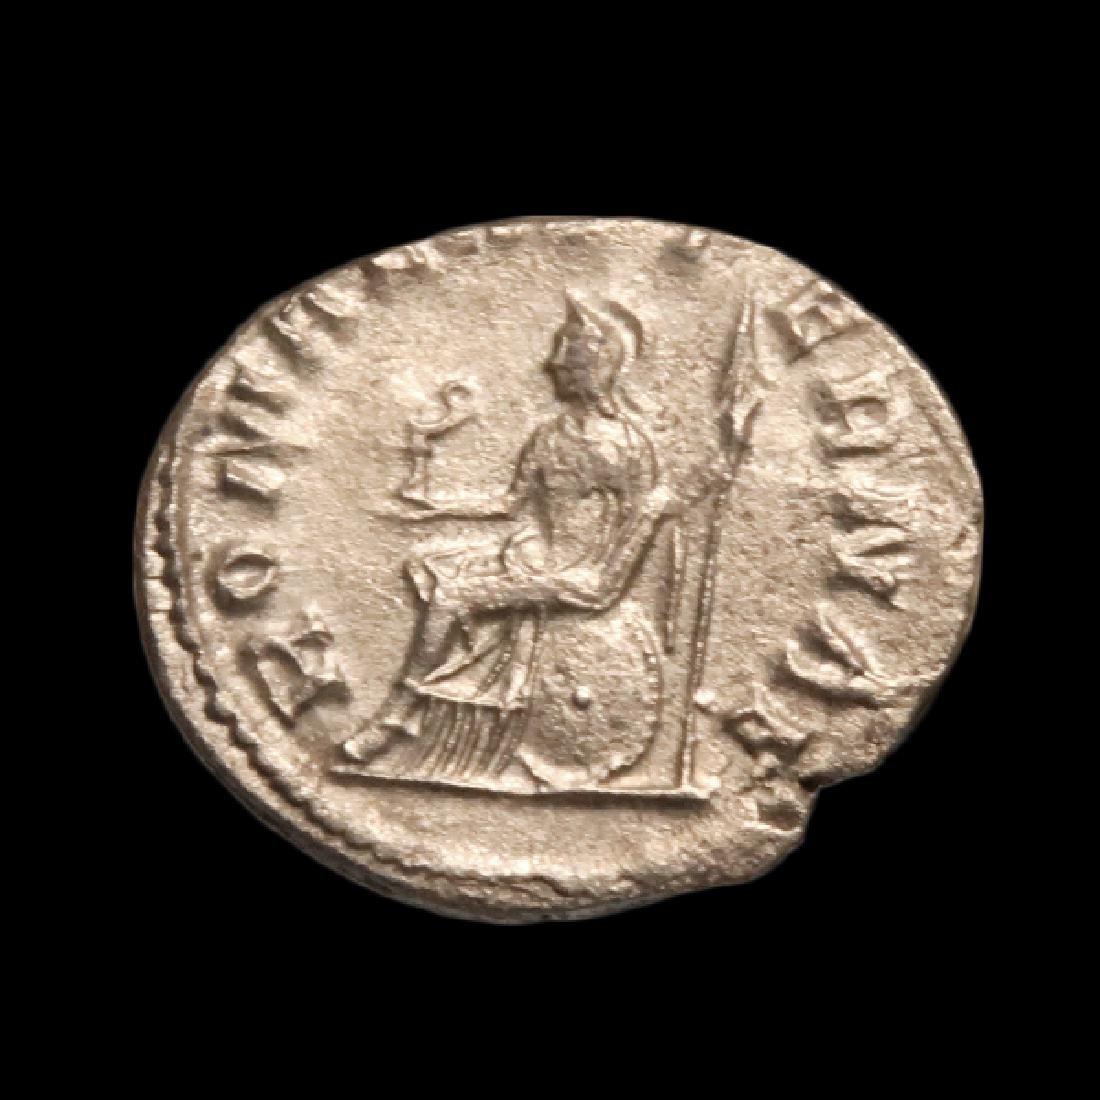 Emperor Valerian, Silver Denarius, Roman, c. 253-260 - 2